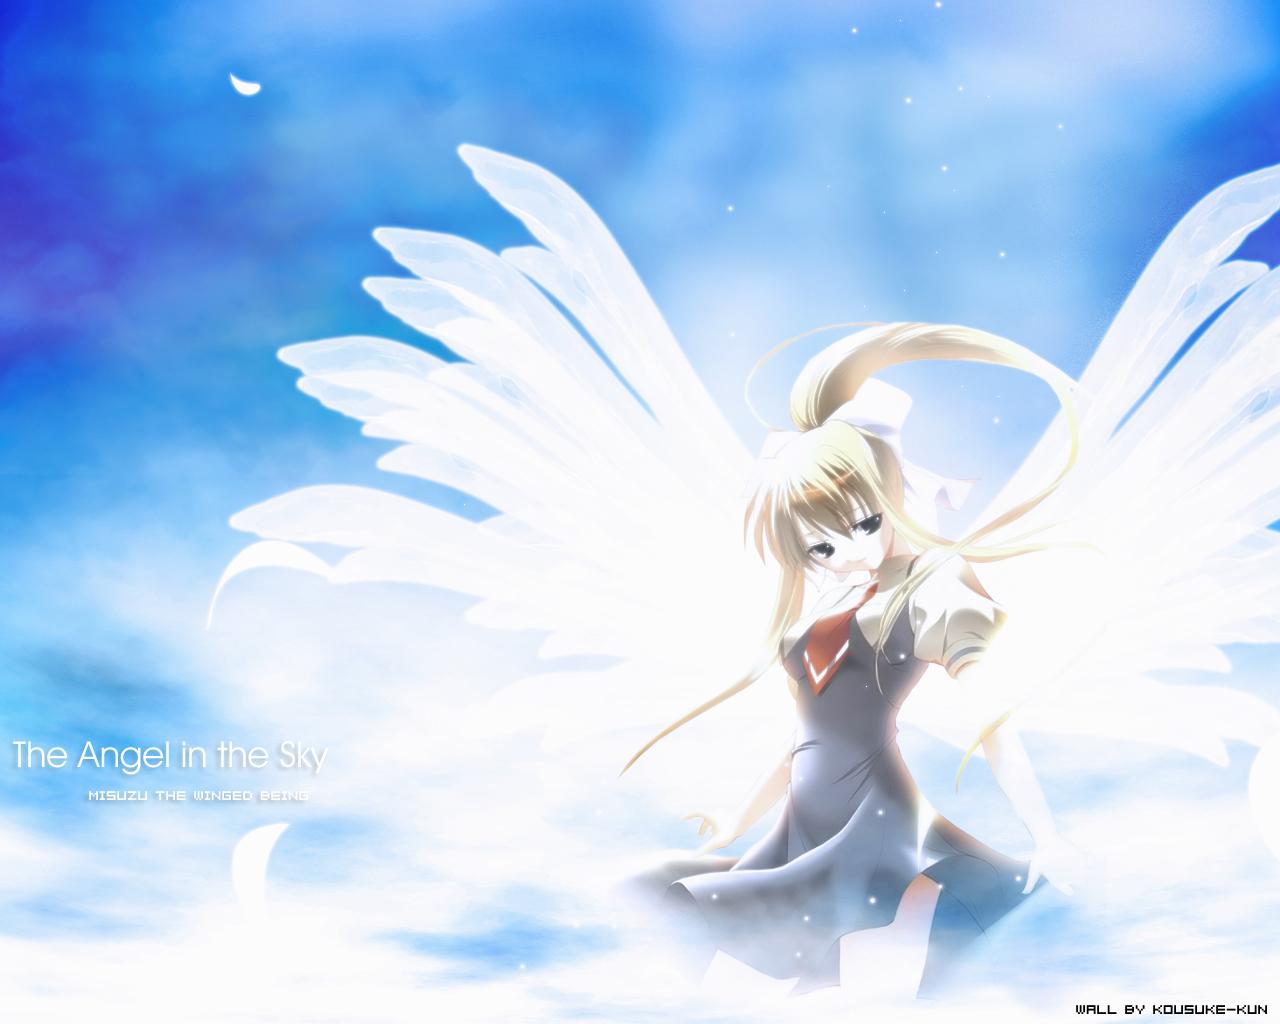 Air Manga Anime Wallpaper 01